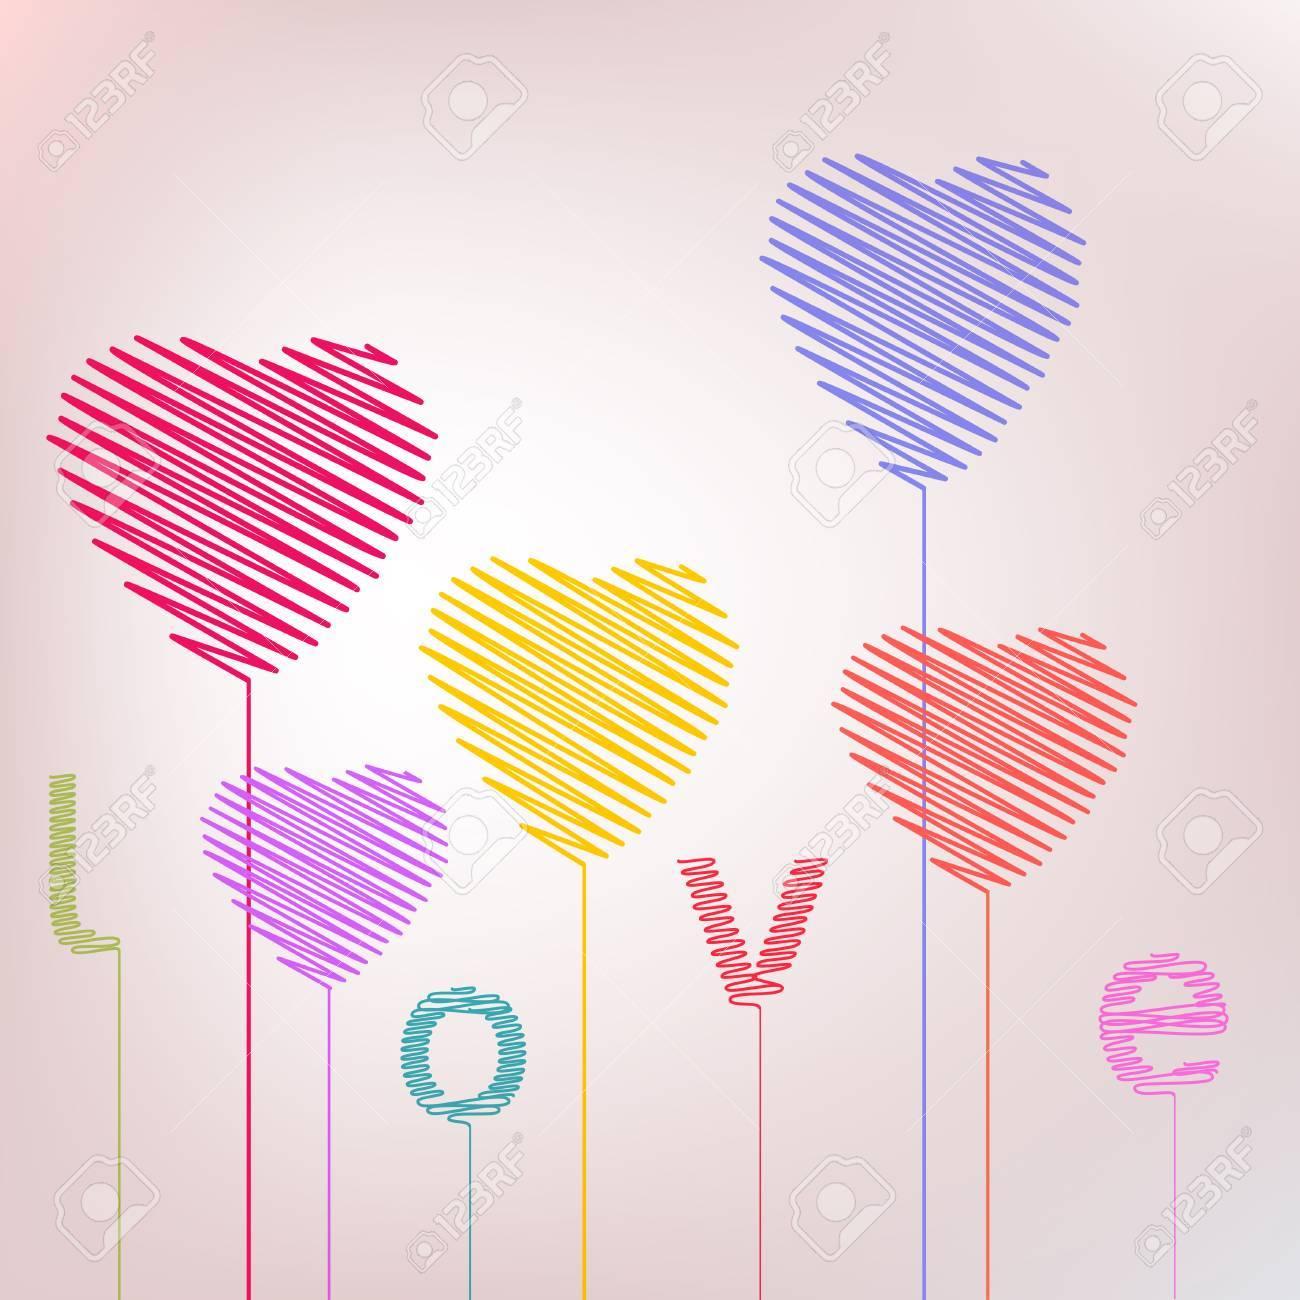 Ballons De Coeur D Amour De Dessin à La Main Résumé Saint Valentin Carte De Voeux Couleurs à La Mode Romantique Concept De Relation Dans Le Vecteur